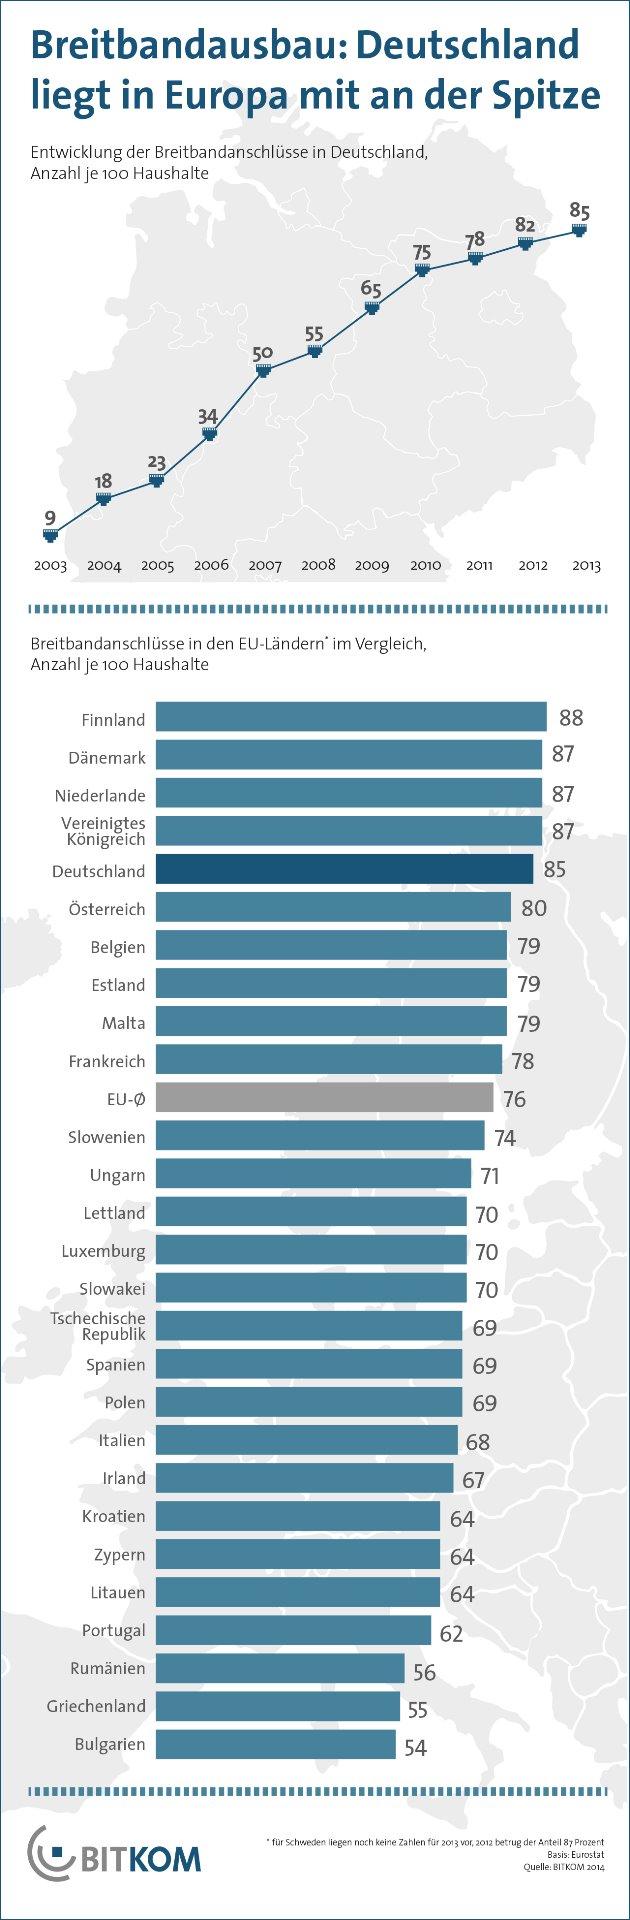 BITKOM_Breitband_EU-Vergleich_2014_630